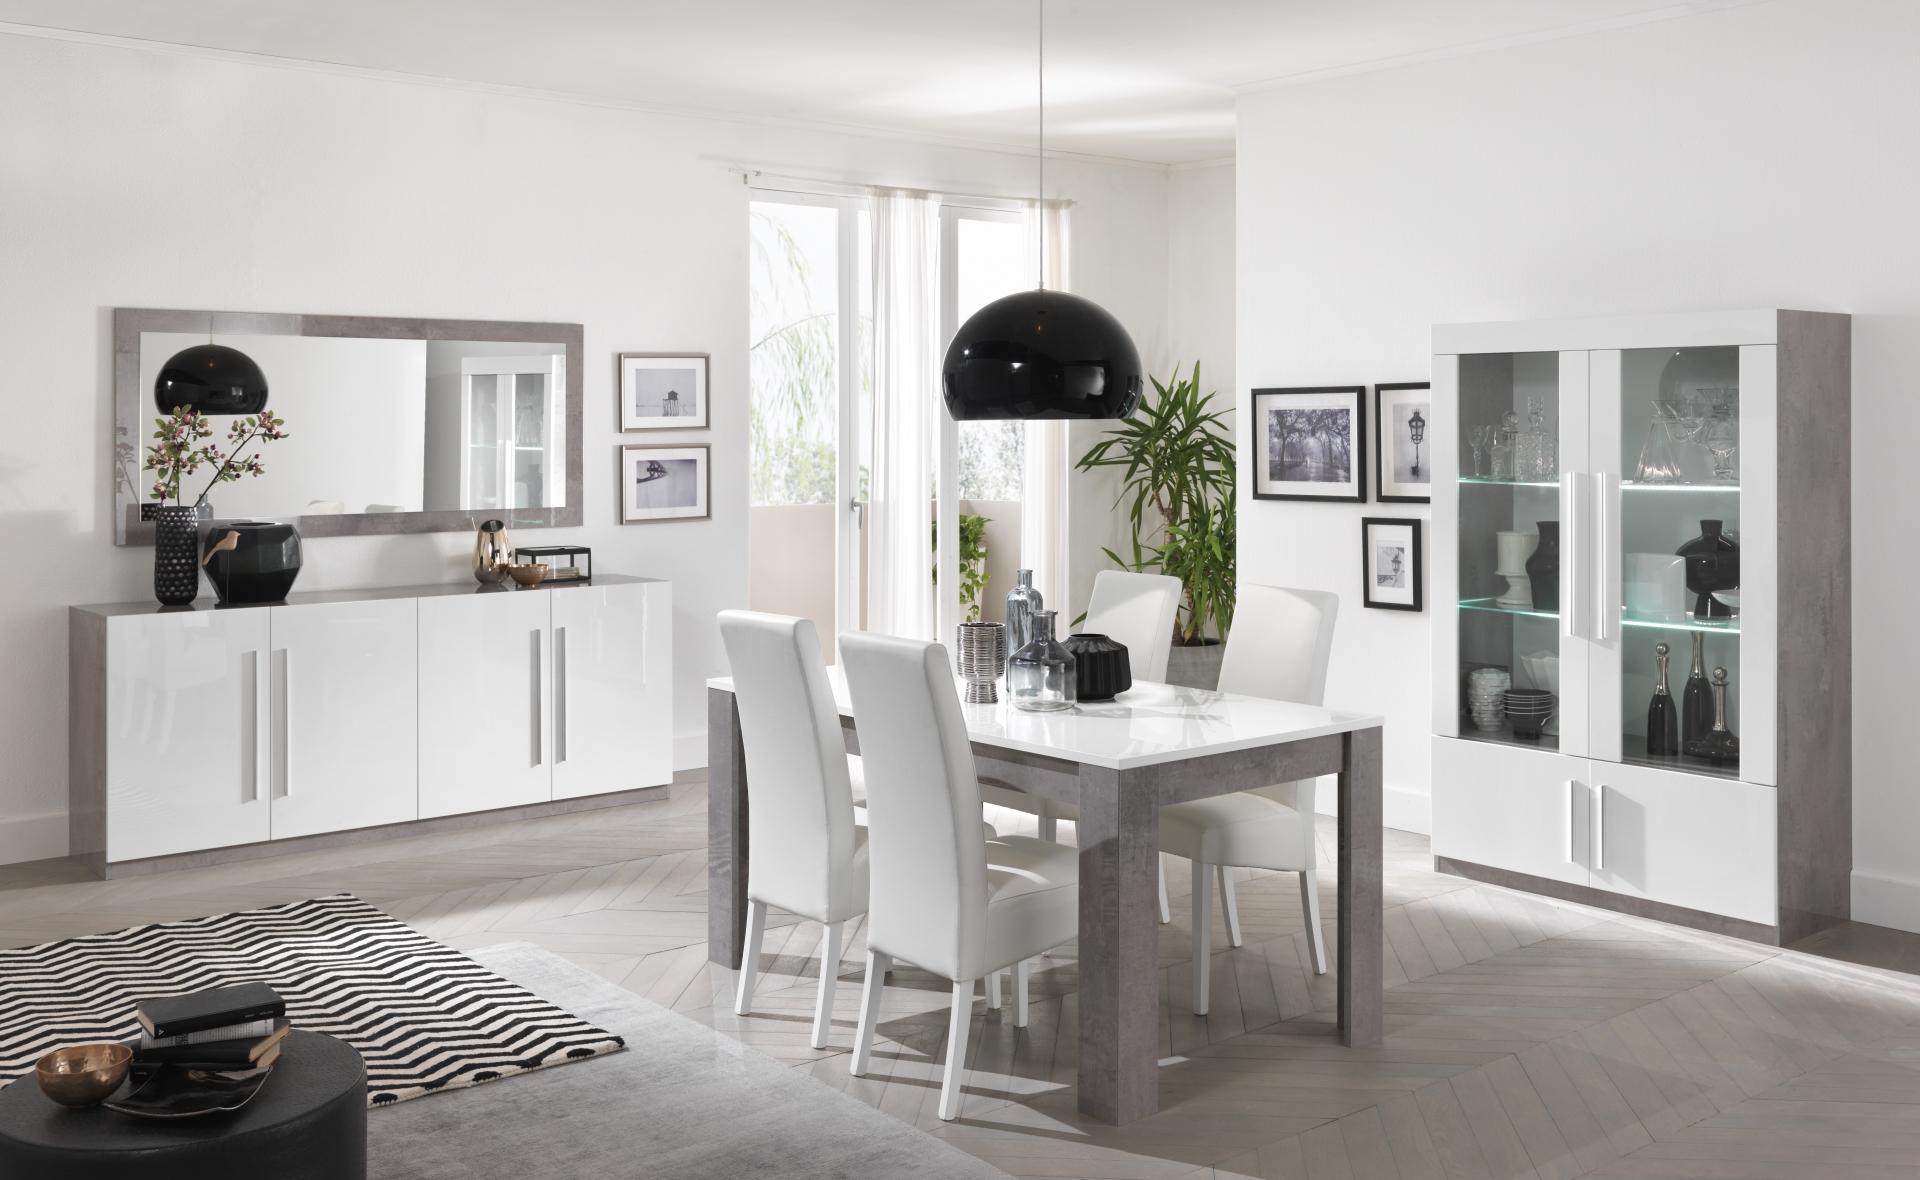 Greta woonkamer wit marble hoogglans woonkamers elit for Woonkamer wit